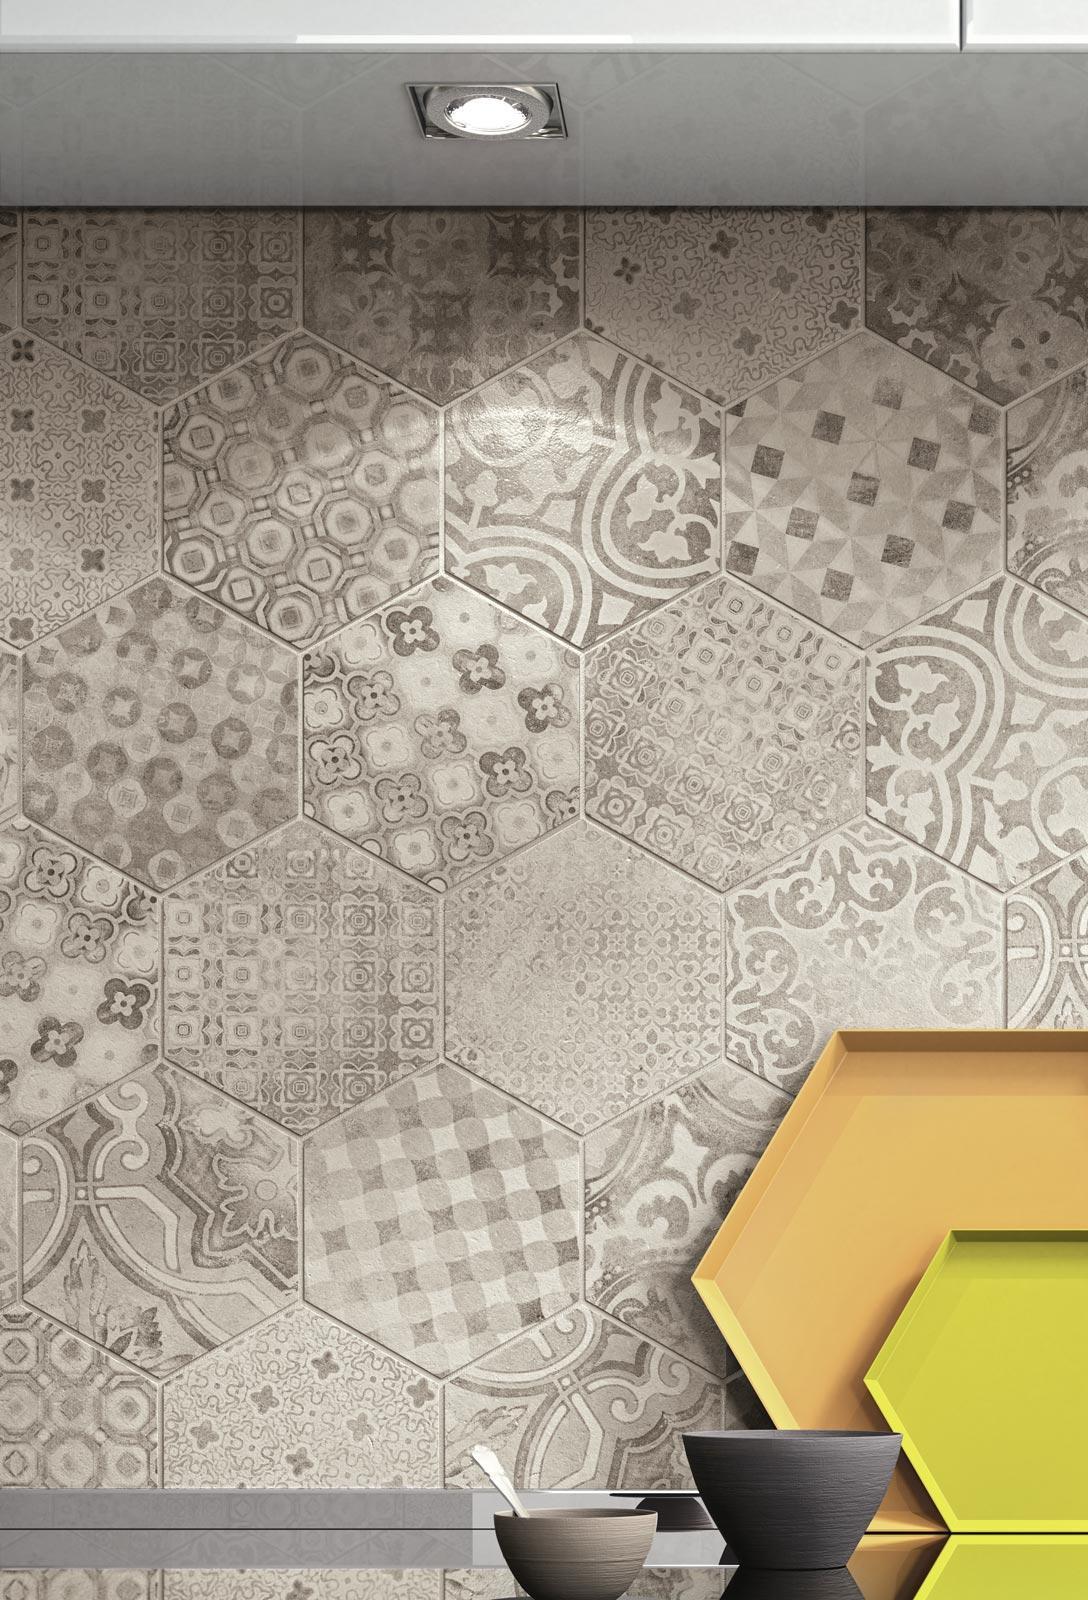 Piastrelle Ceramica Scheda Tecnica.Collezione Rewind Gres Porcellanato Effetto Cemento Ragno